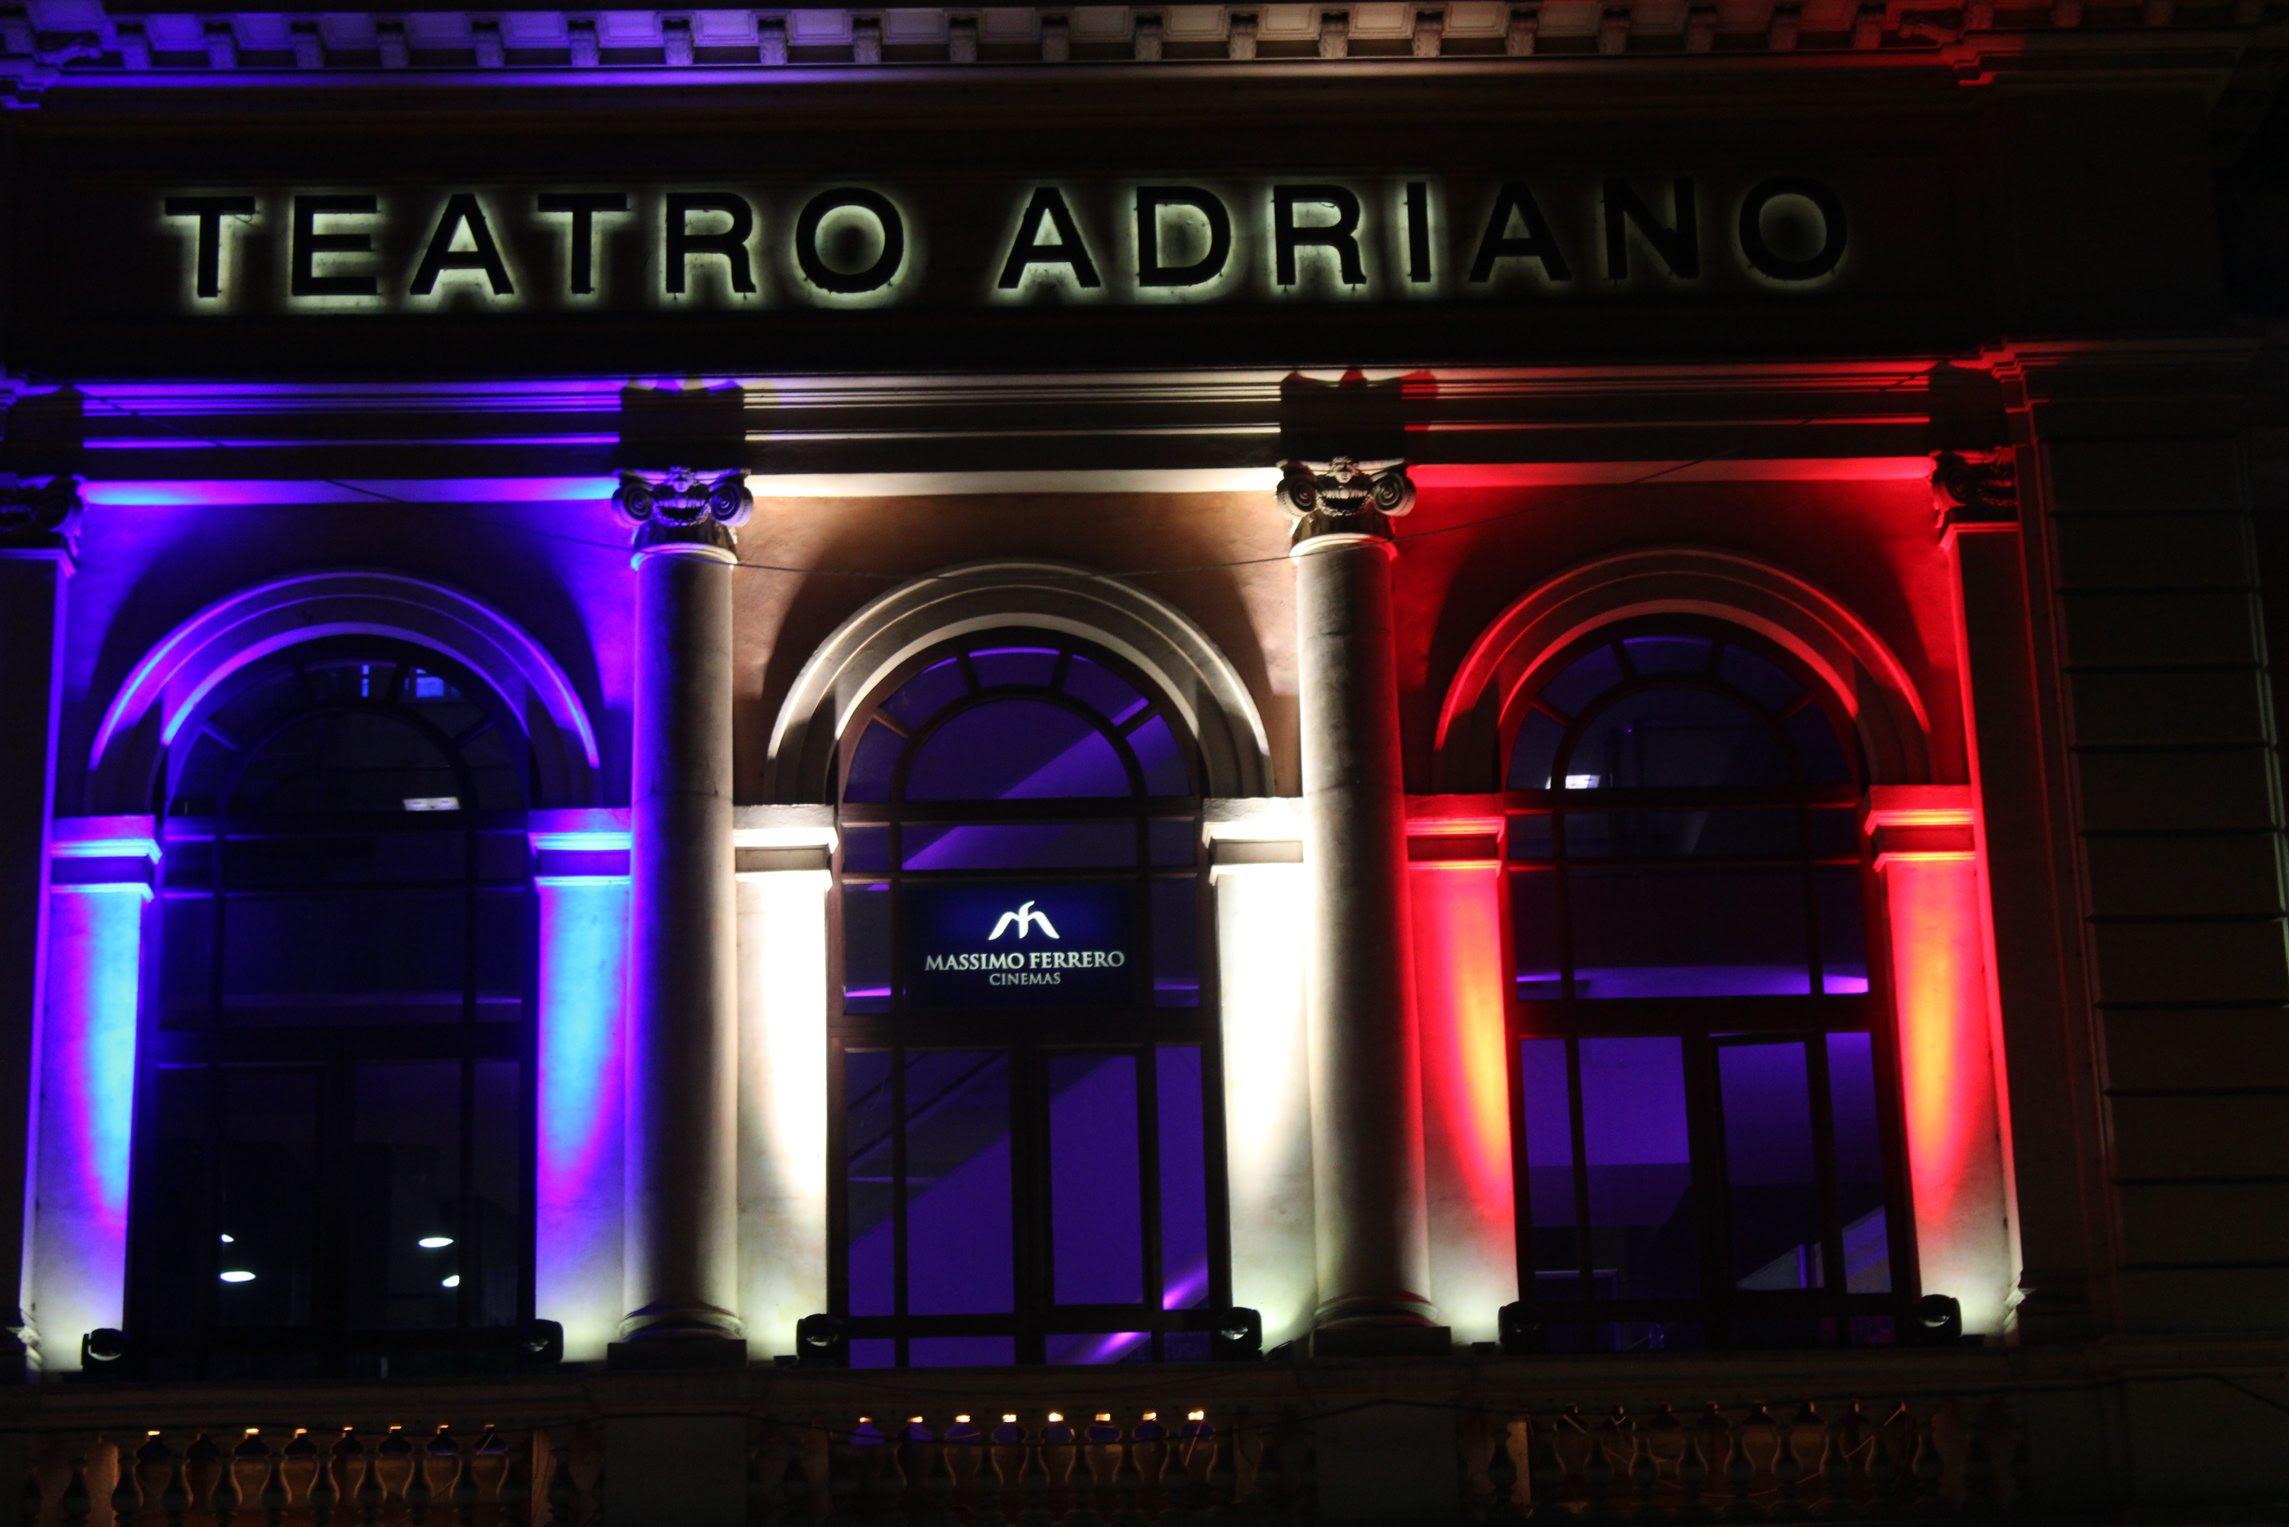 No Teatro Adriano, em Roma, a solidariedade aos franceses pelos ataques em Paris, no início de novembro, que deixaram 130 mortos